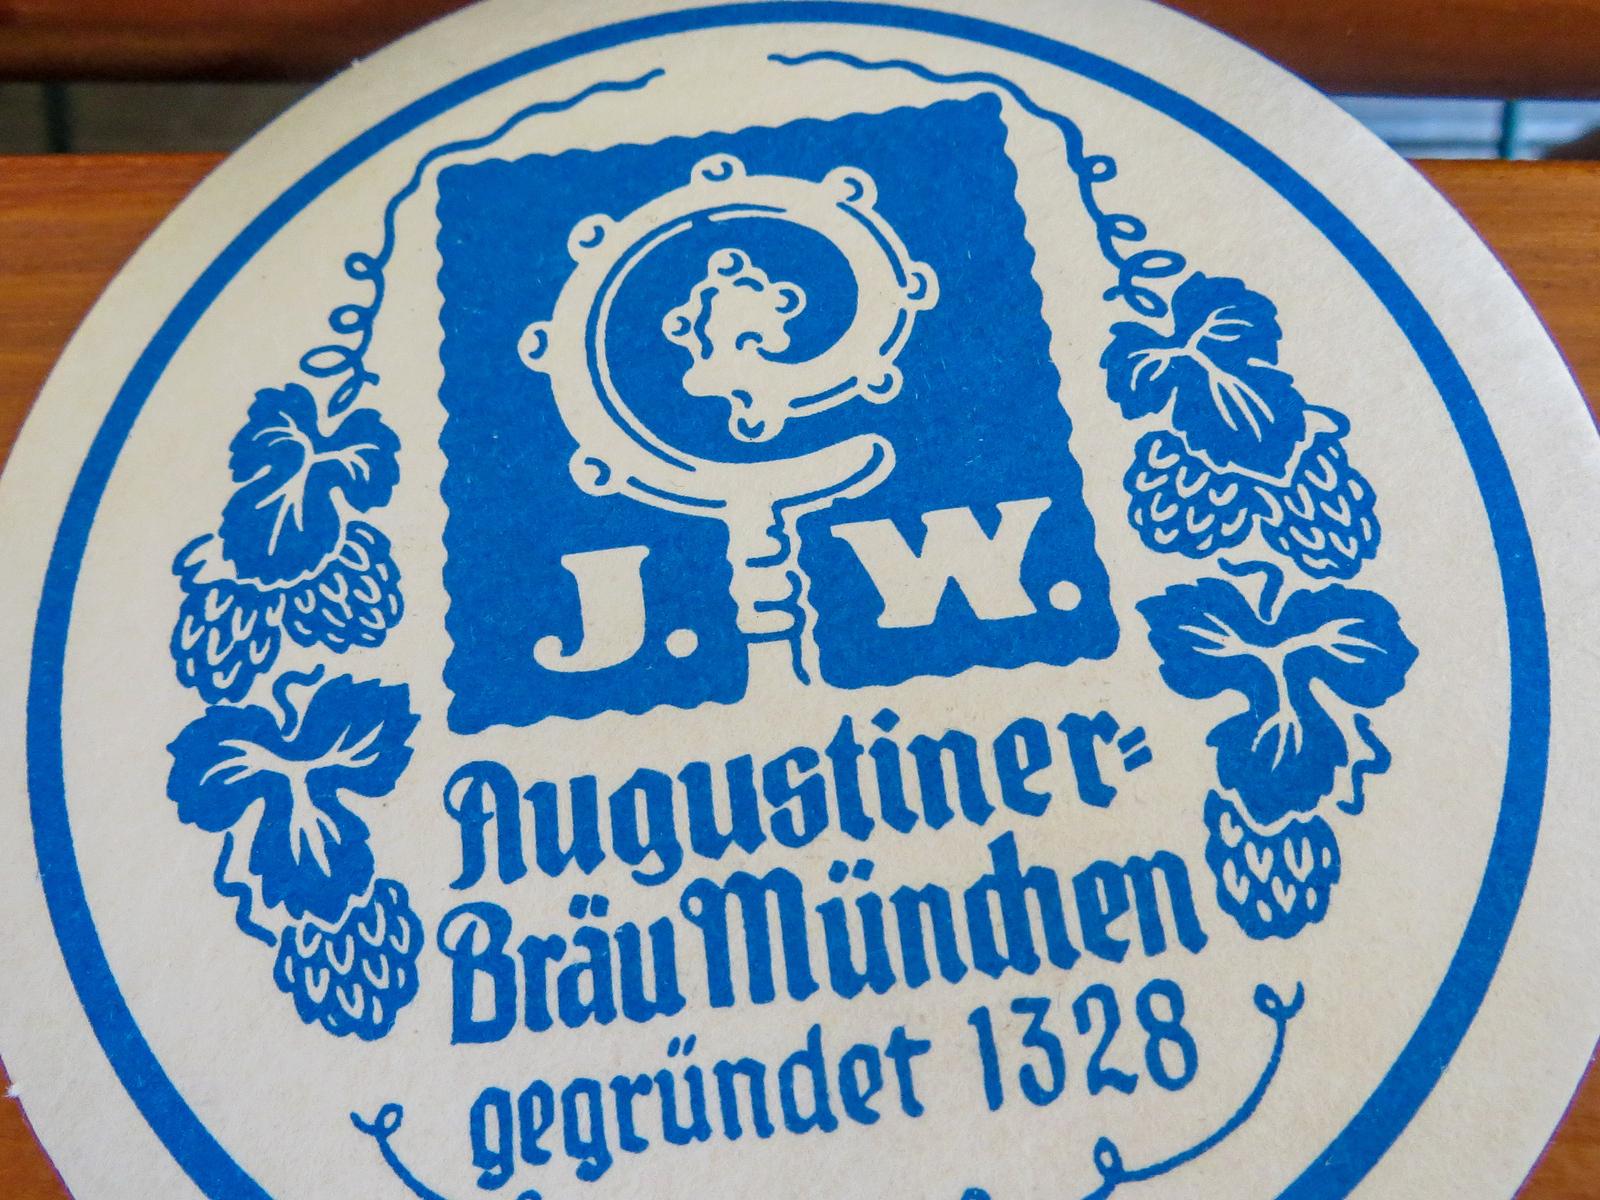 more beer halls munich 2 days